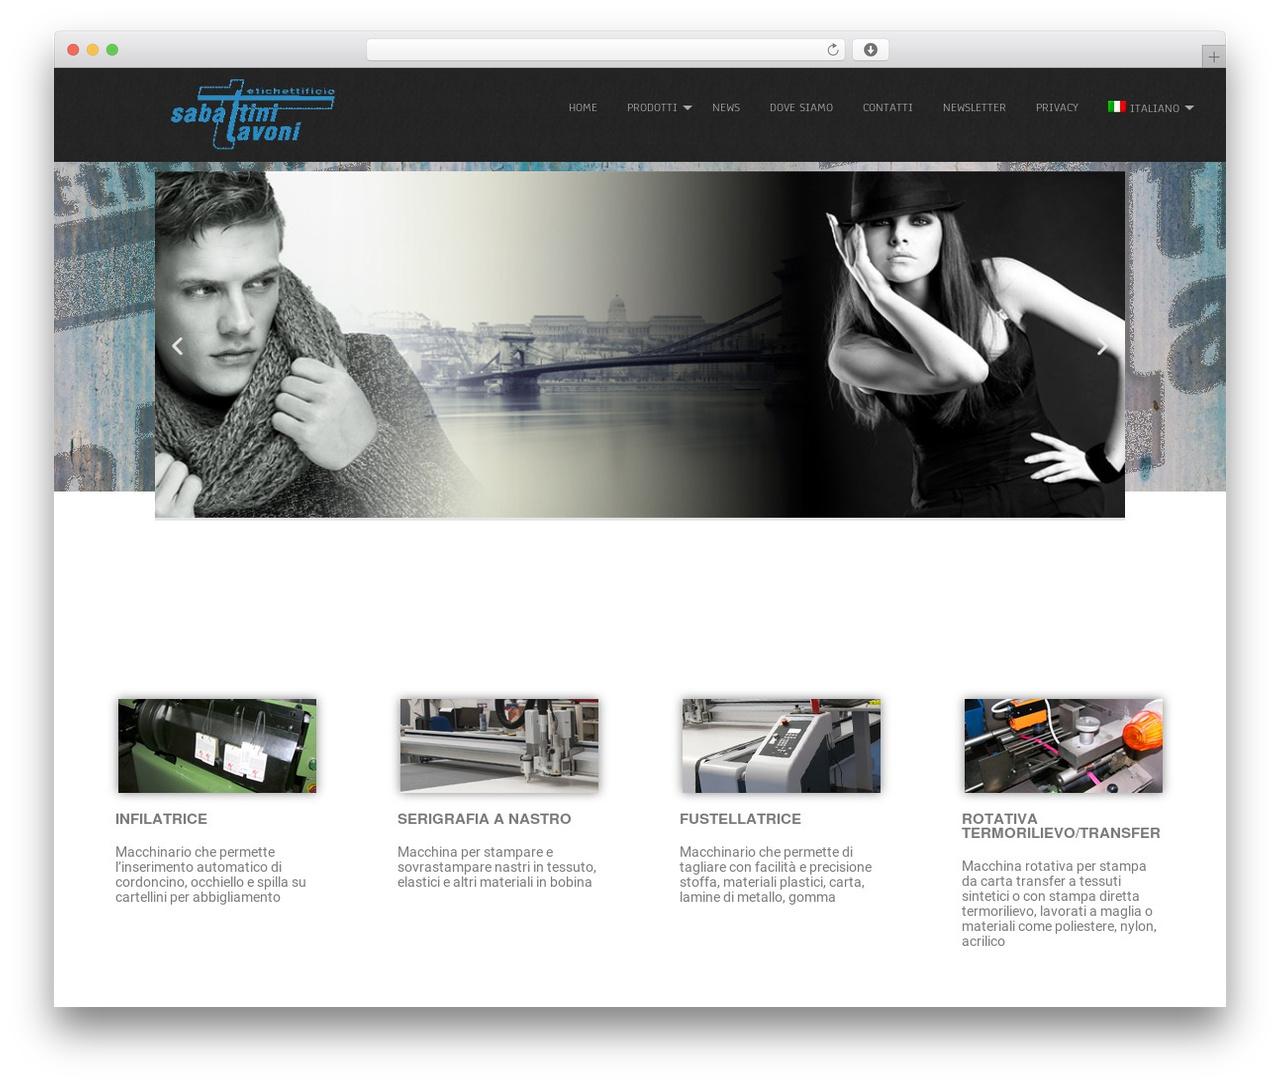 Simplicity Lite WordPress theme design - sabattinitavoni.com